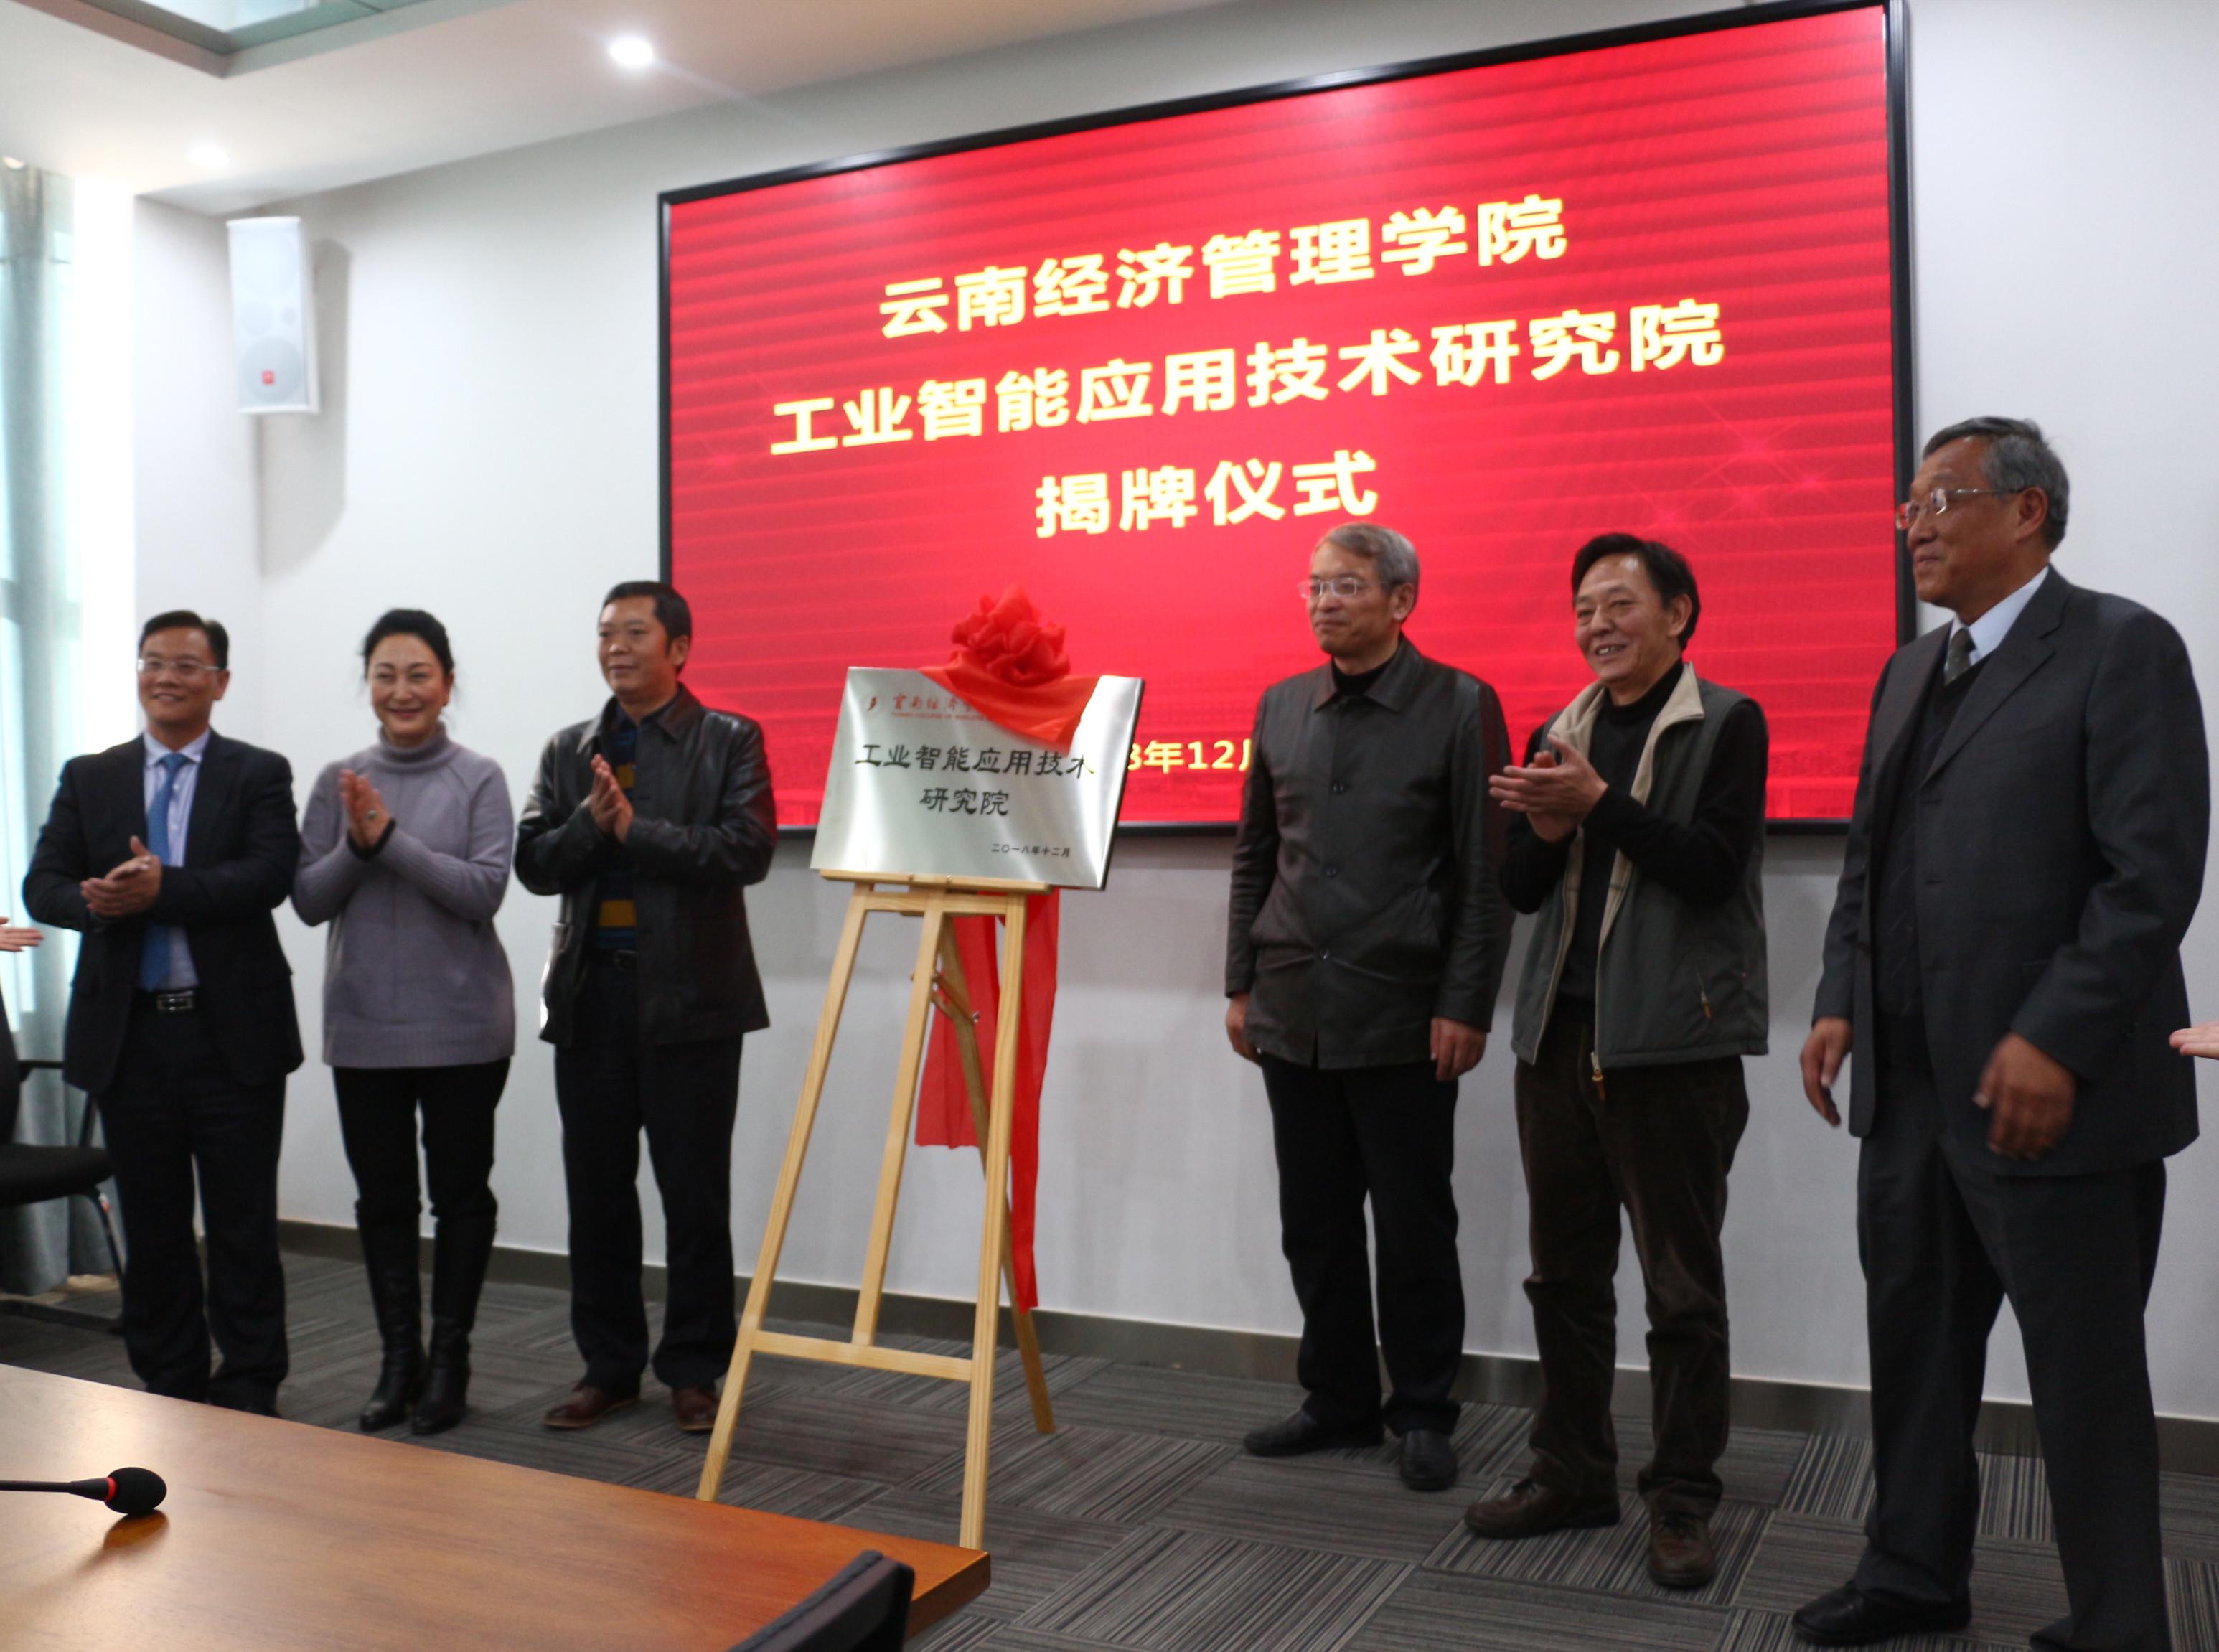 云南经济管理学院工业智能应用技